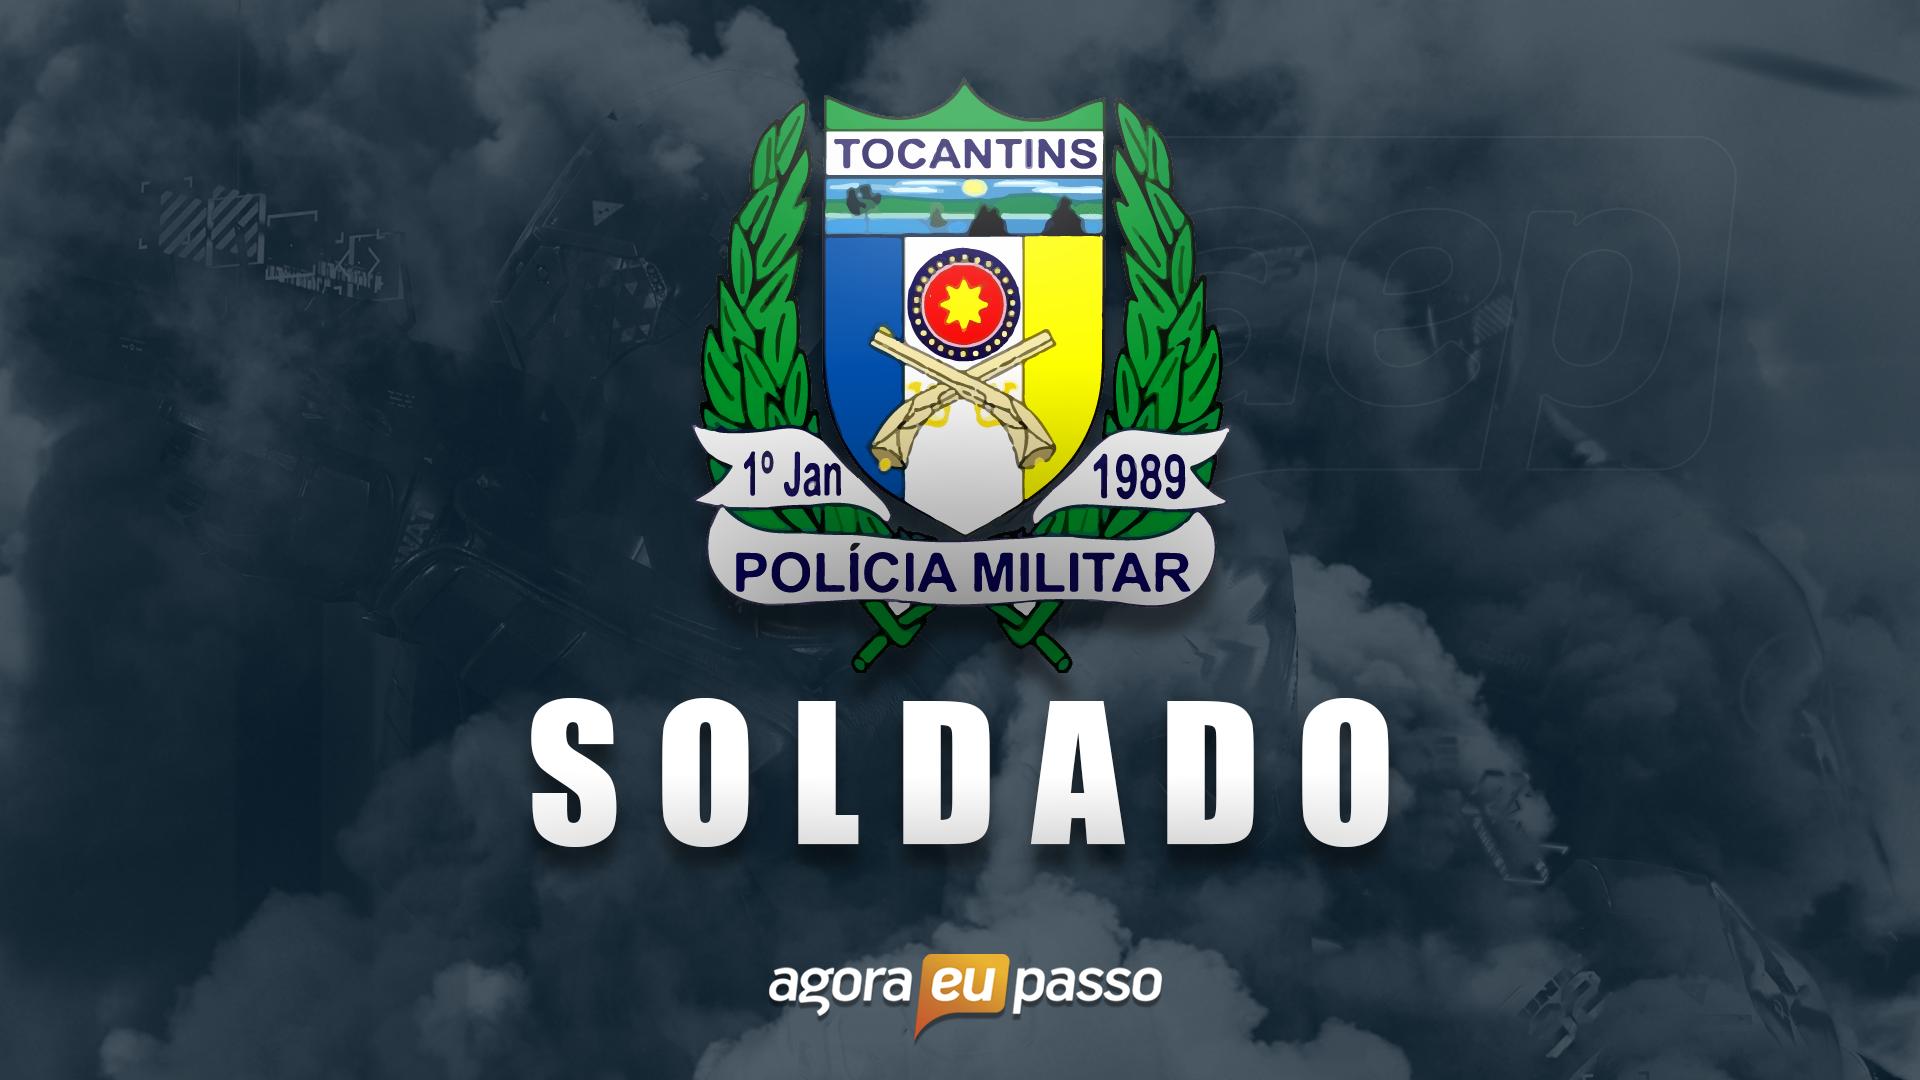 PM TO - Soldado da Polícia Militar de Tocantins